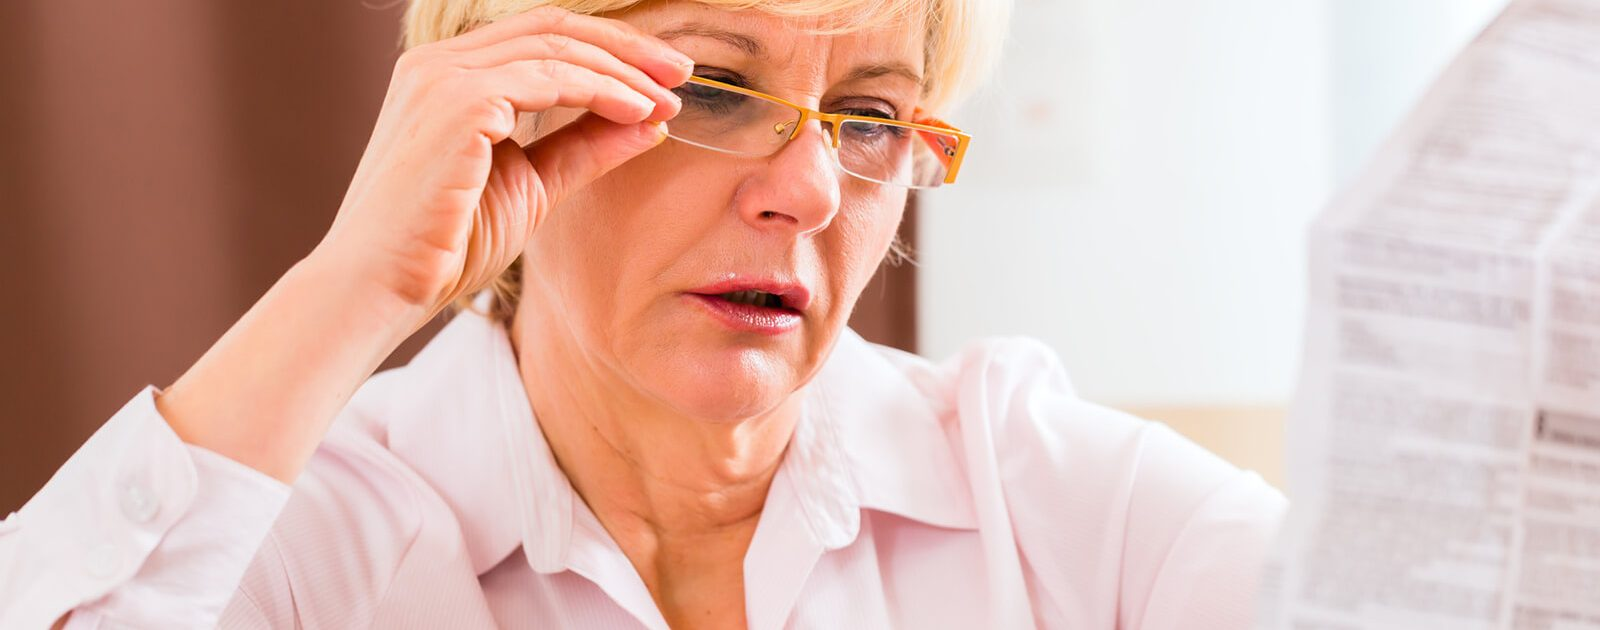 Eine Frau informiert sich über einen Vitamin B12 Überdosierung.